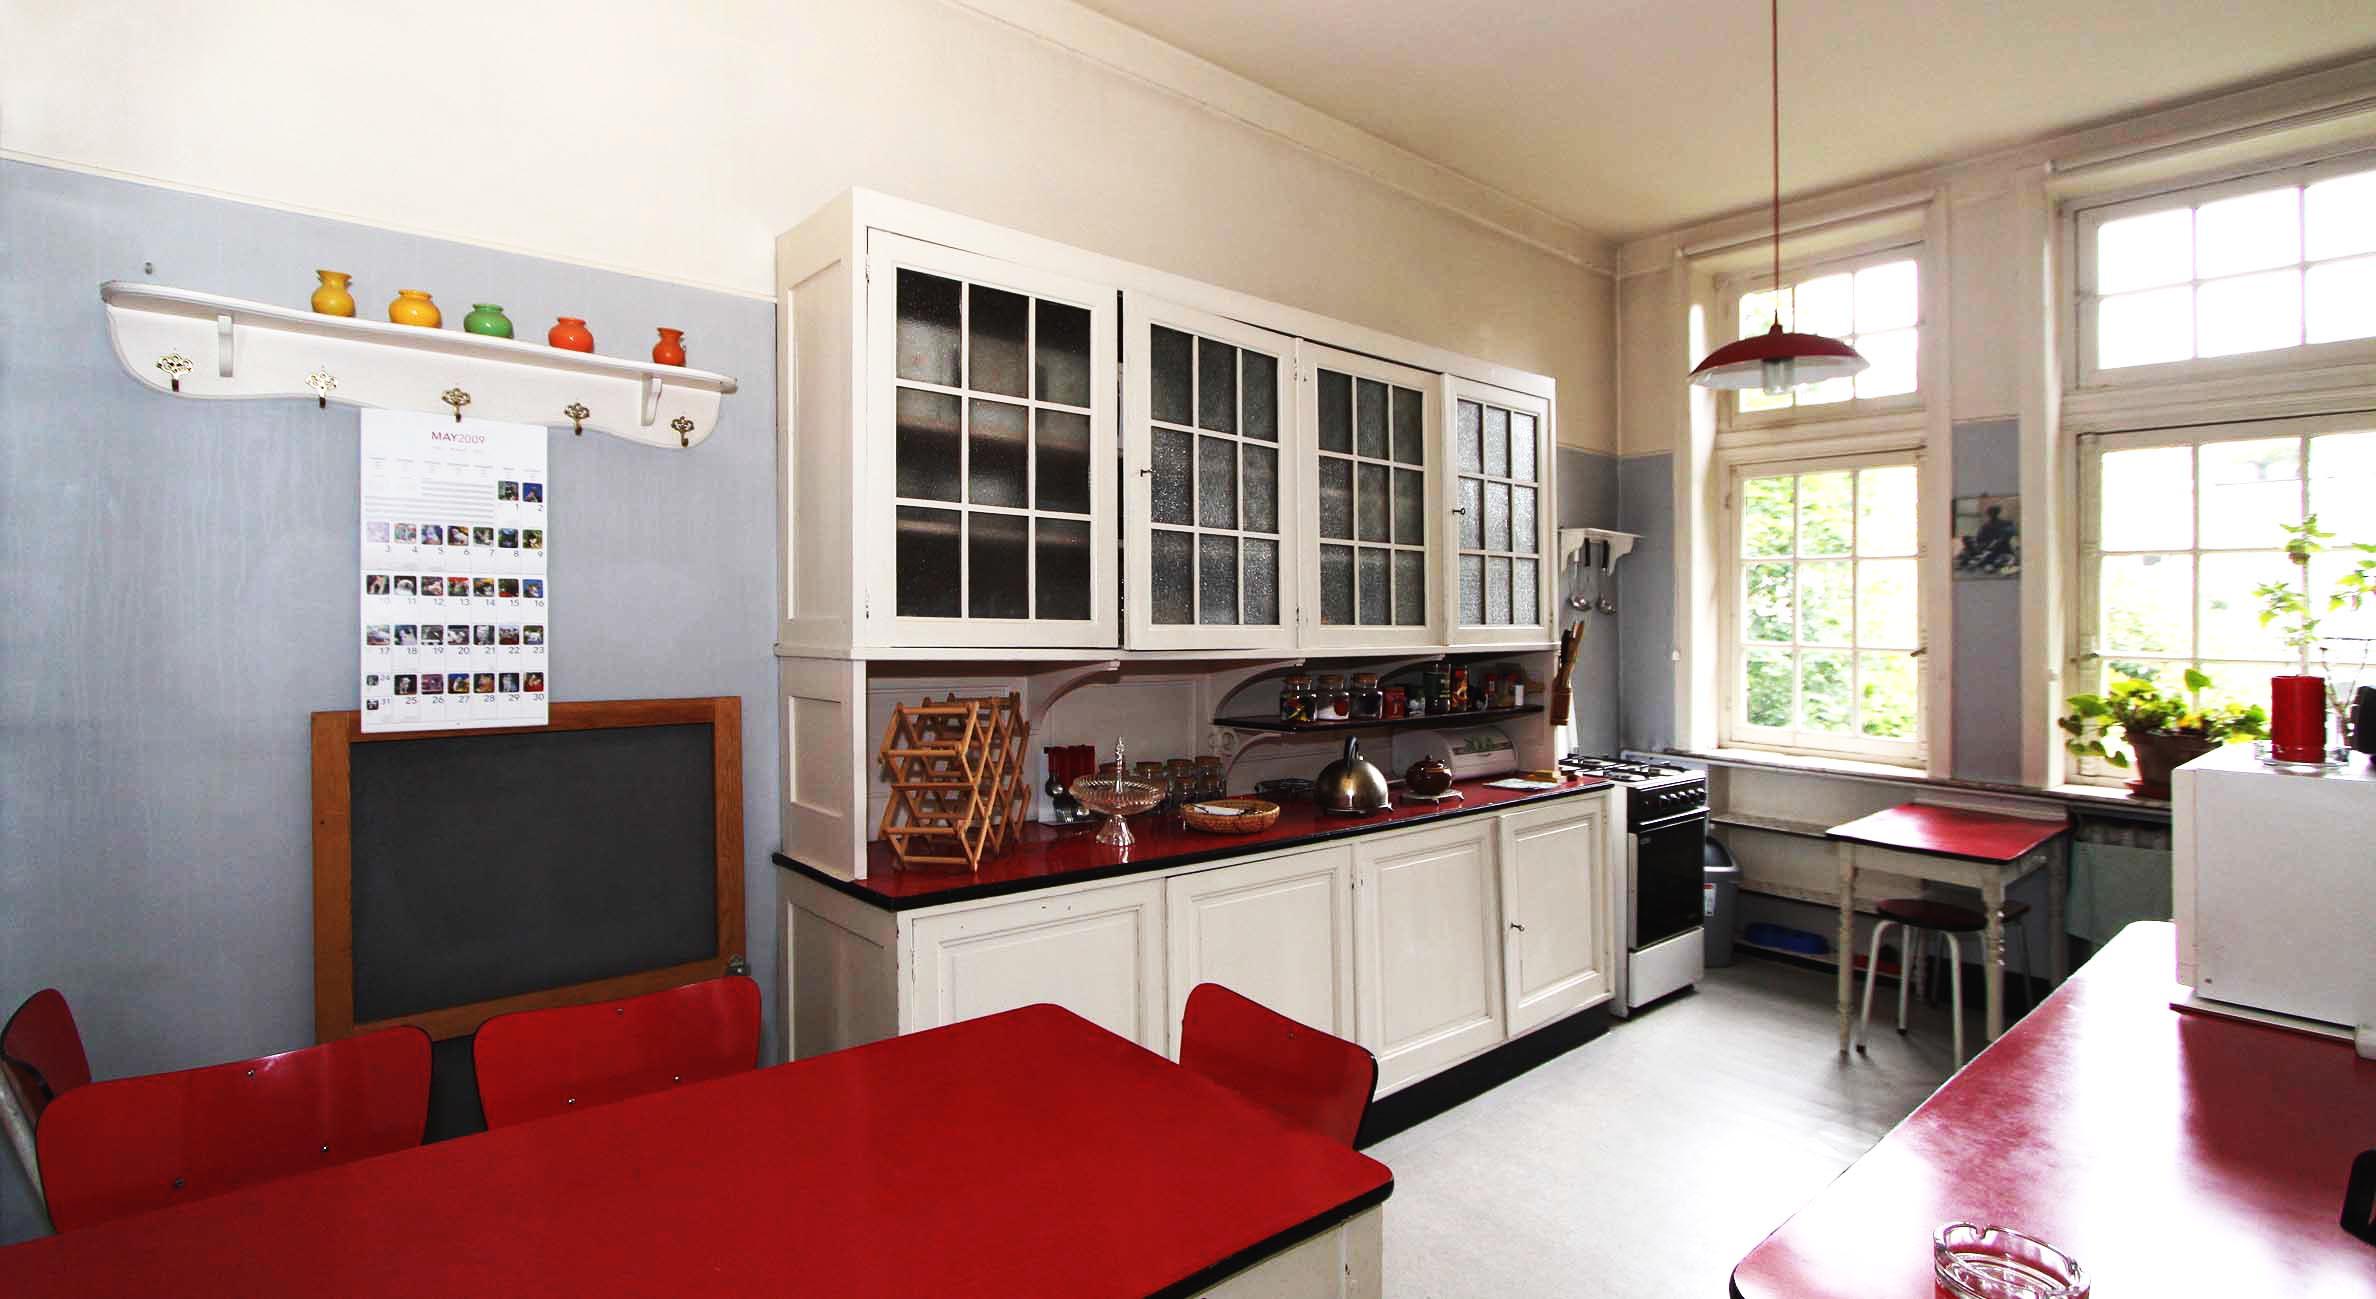 Location appartement la Rochelle pour vivre une belle vacance